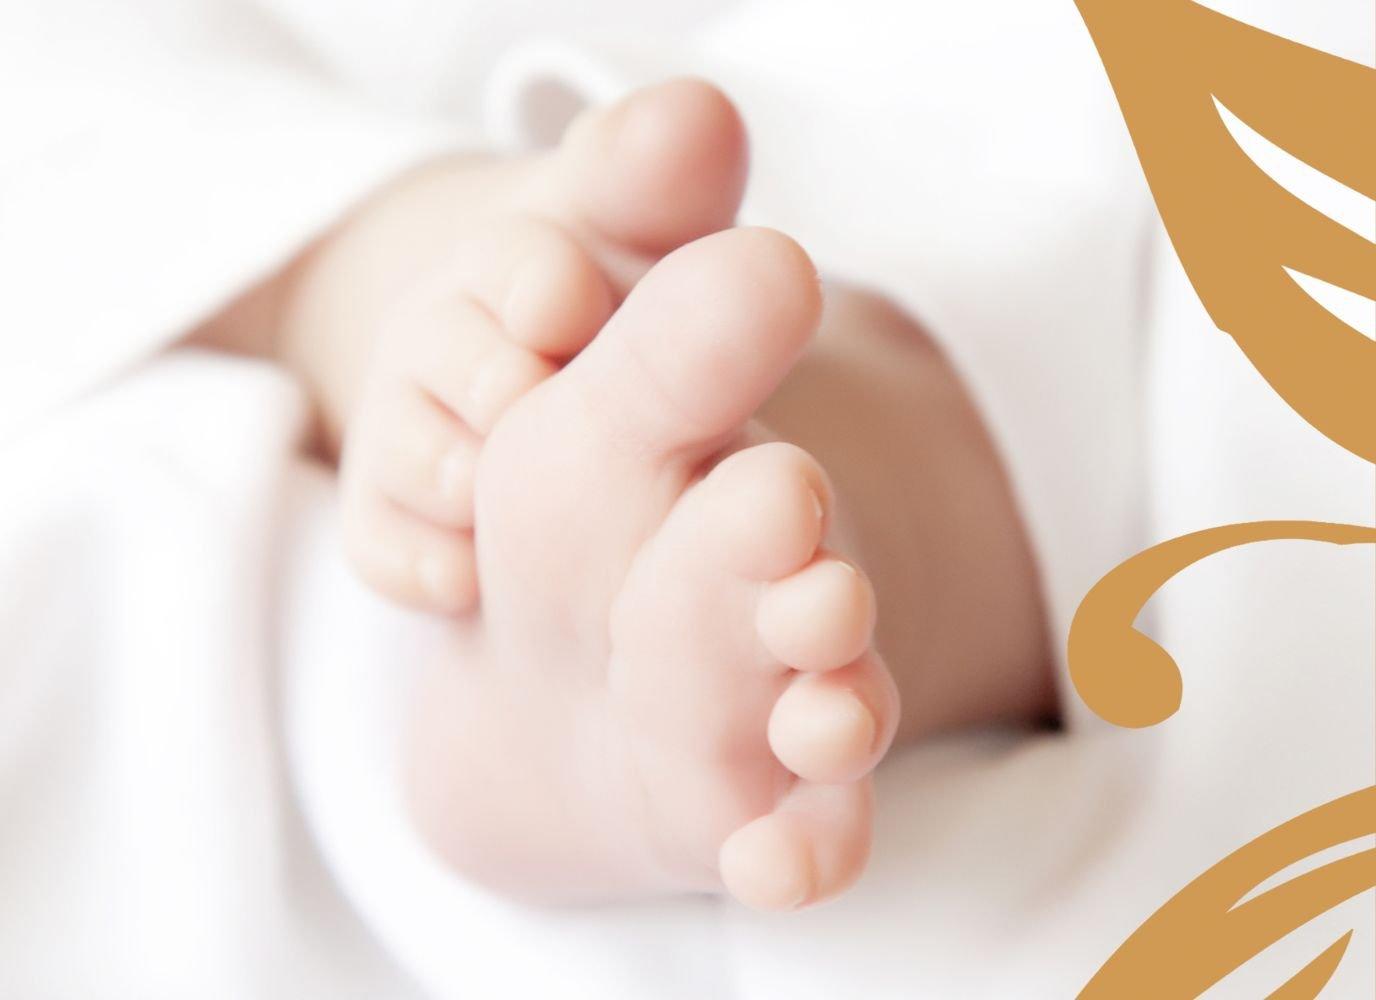 Kartenparadies Geburtskarte Babykarte Blaume, hochwertige hochwertige hochwertige Babykarte zur Geburt inklusive Umschläge   20 Karten - (Format  148x105 mm) Farbe  DunkelGrün B01N4TXZ6D   Exquisite (in) Verarbeitung    Sehen Sie die Welt aus der Perspektive des Kinde 2c40fd